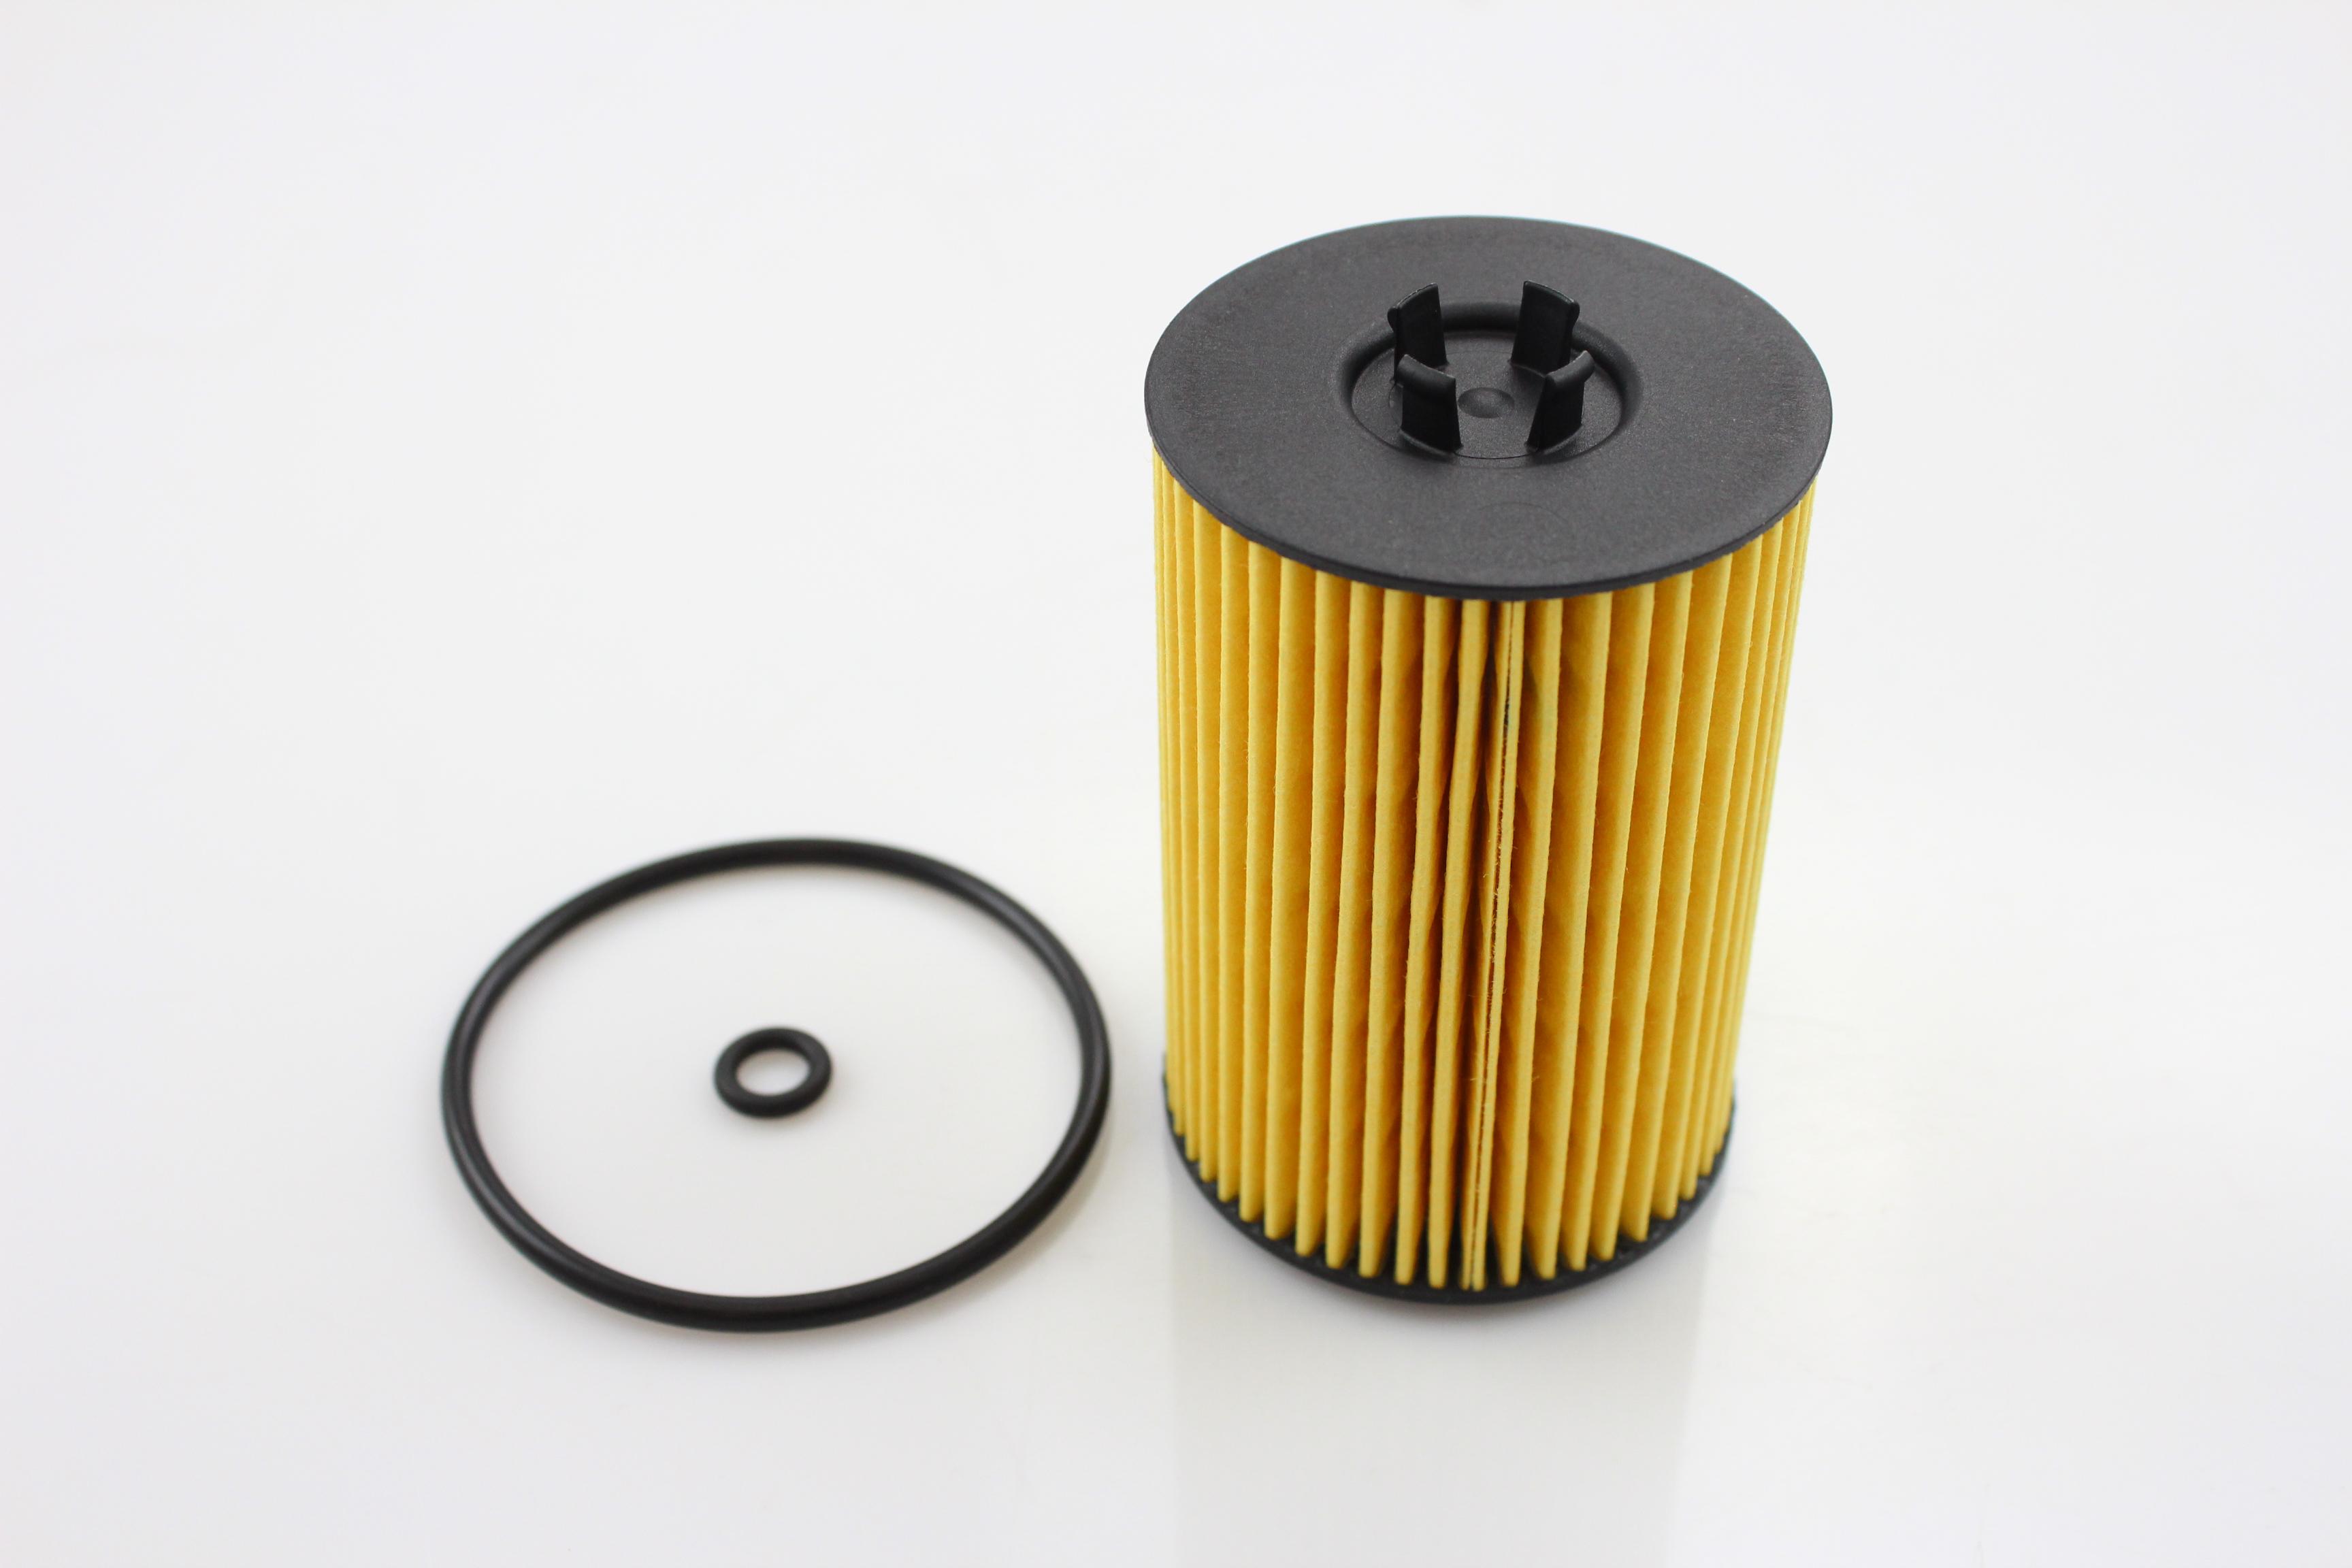 Original Audi Q2 Ölfilter Filtereinsatz 1.6 TDI 2.0 TDI 116PS 143PS 150PS 190PS